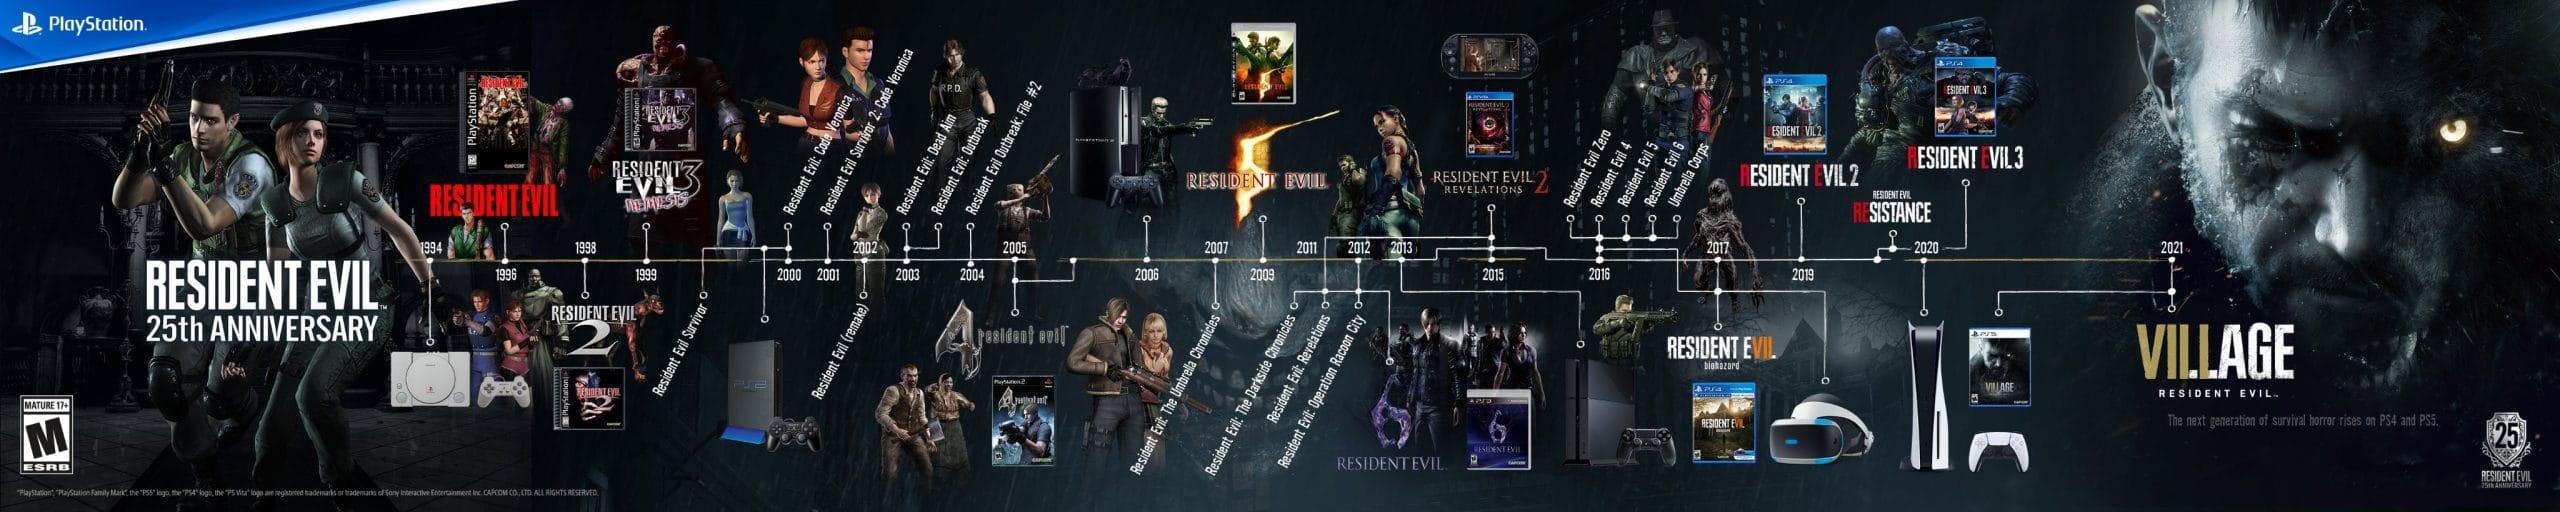 Linha do Tempo da série Resident Evil